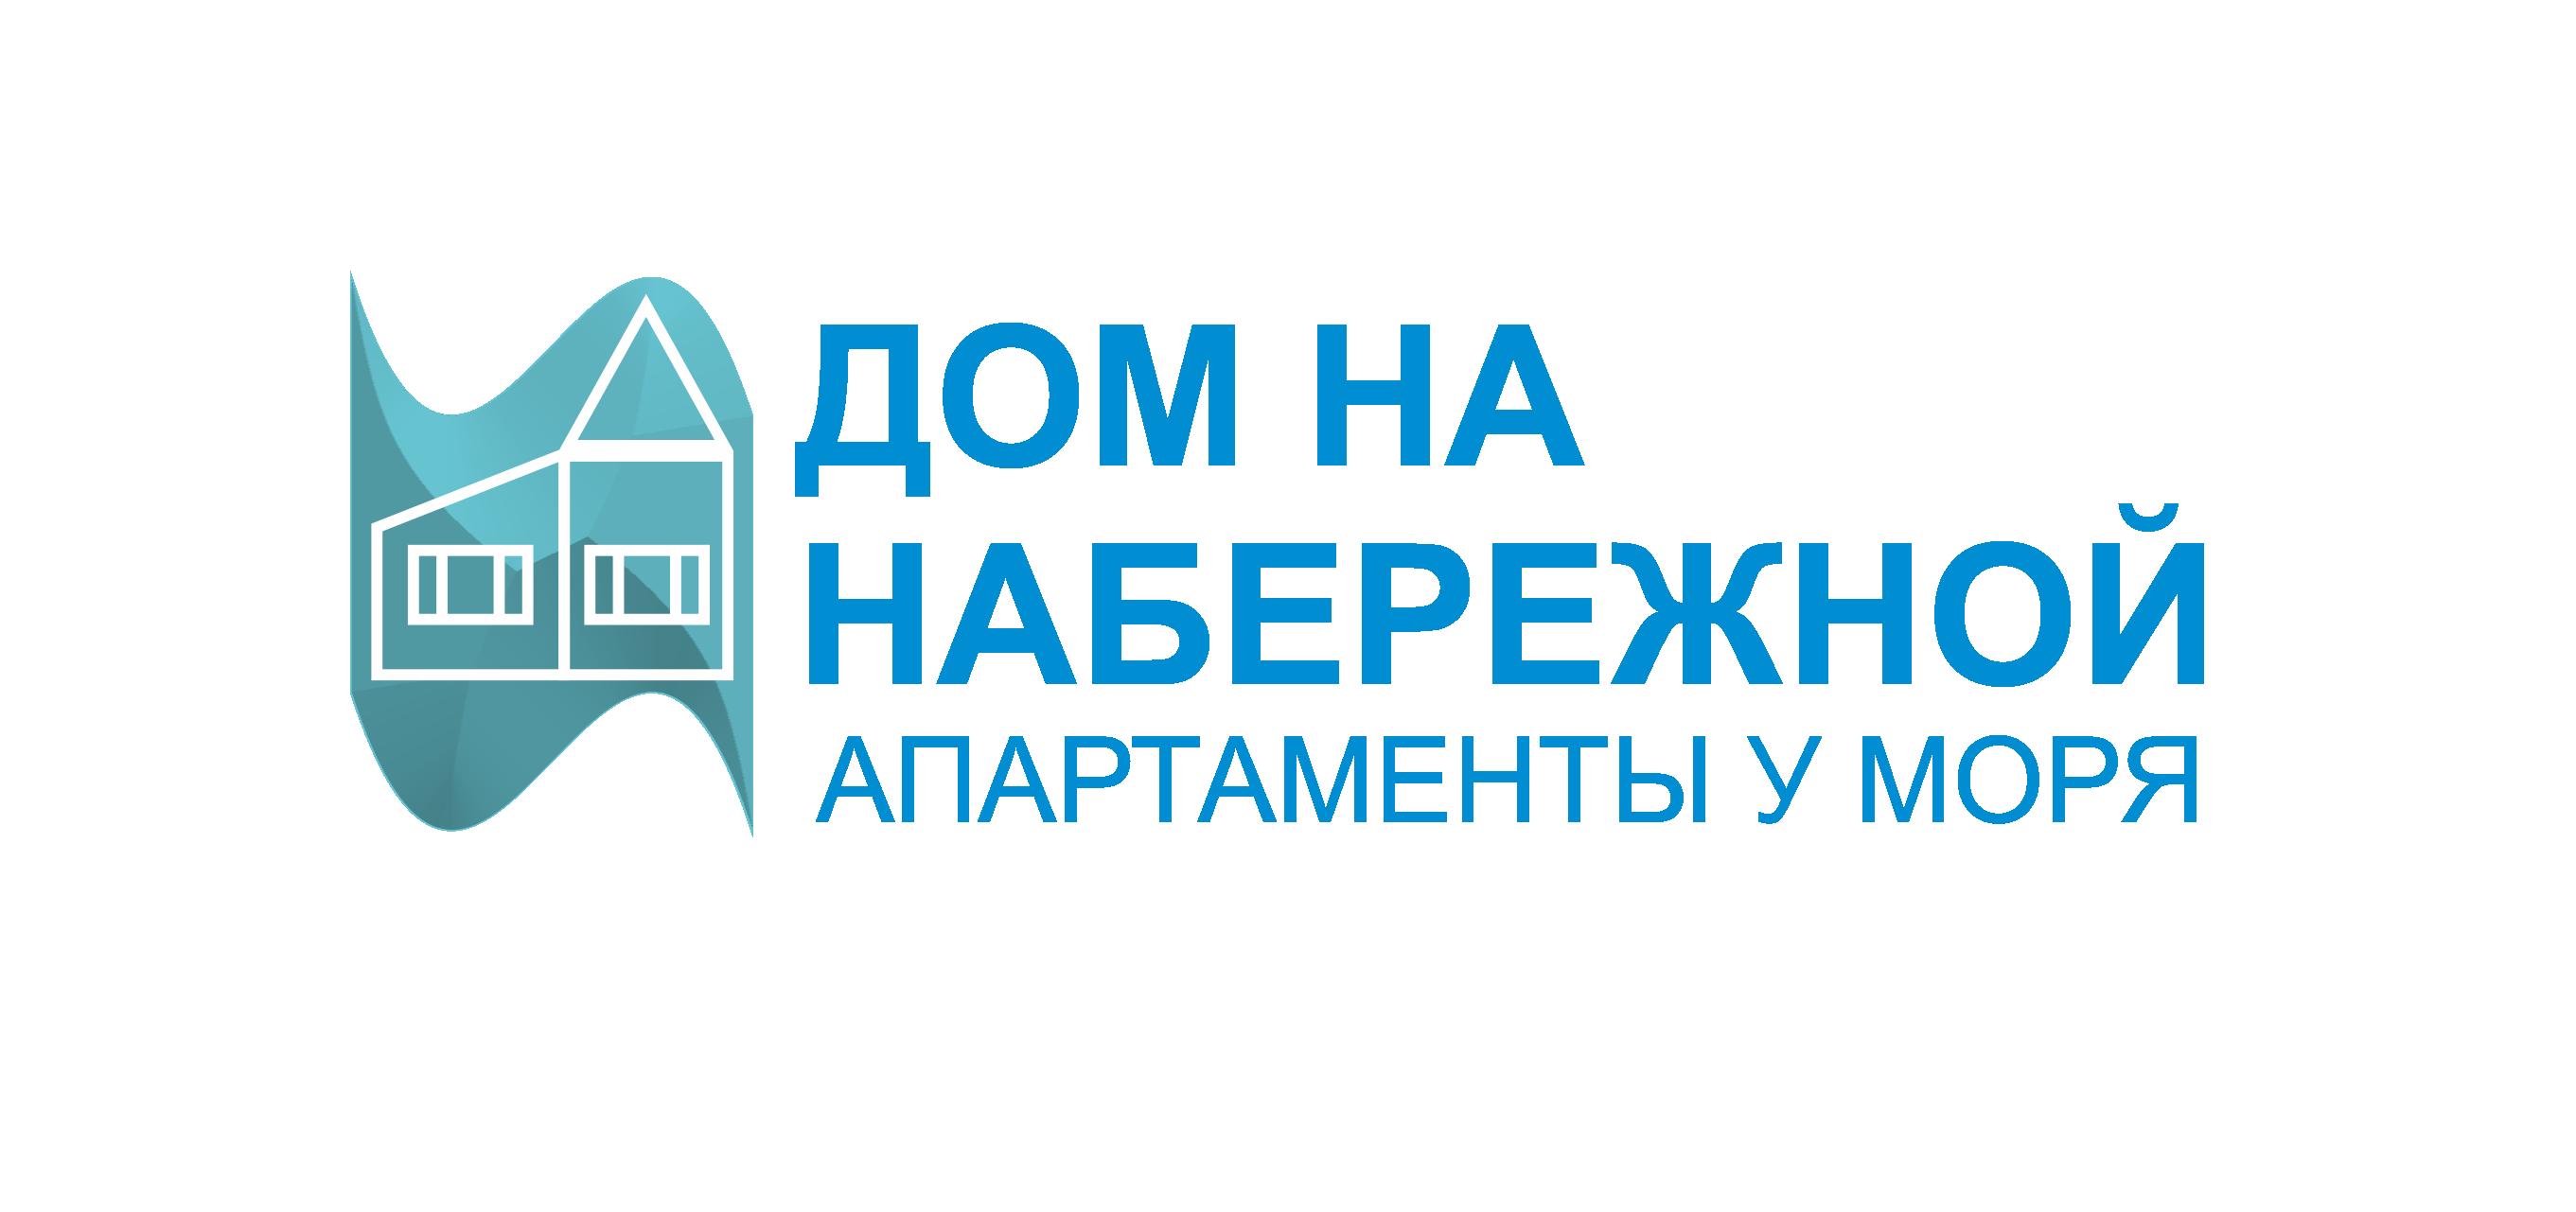 РАЗРАБОТКА логотипа для ЖИЛОГО КОМПЛЕКСА премиум В АНАПЕ.  фото f_2085de771e1509b7.png